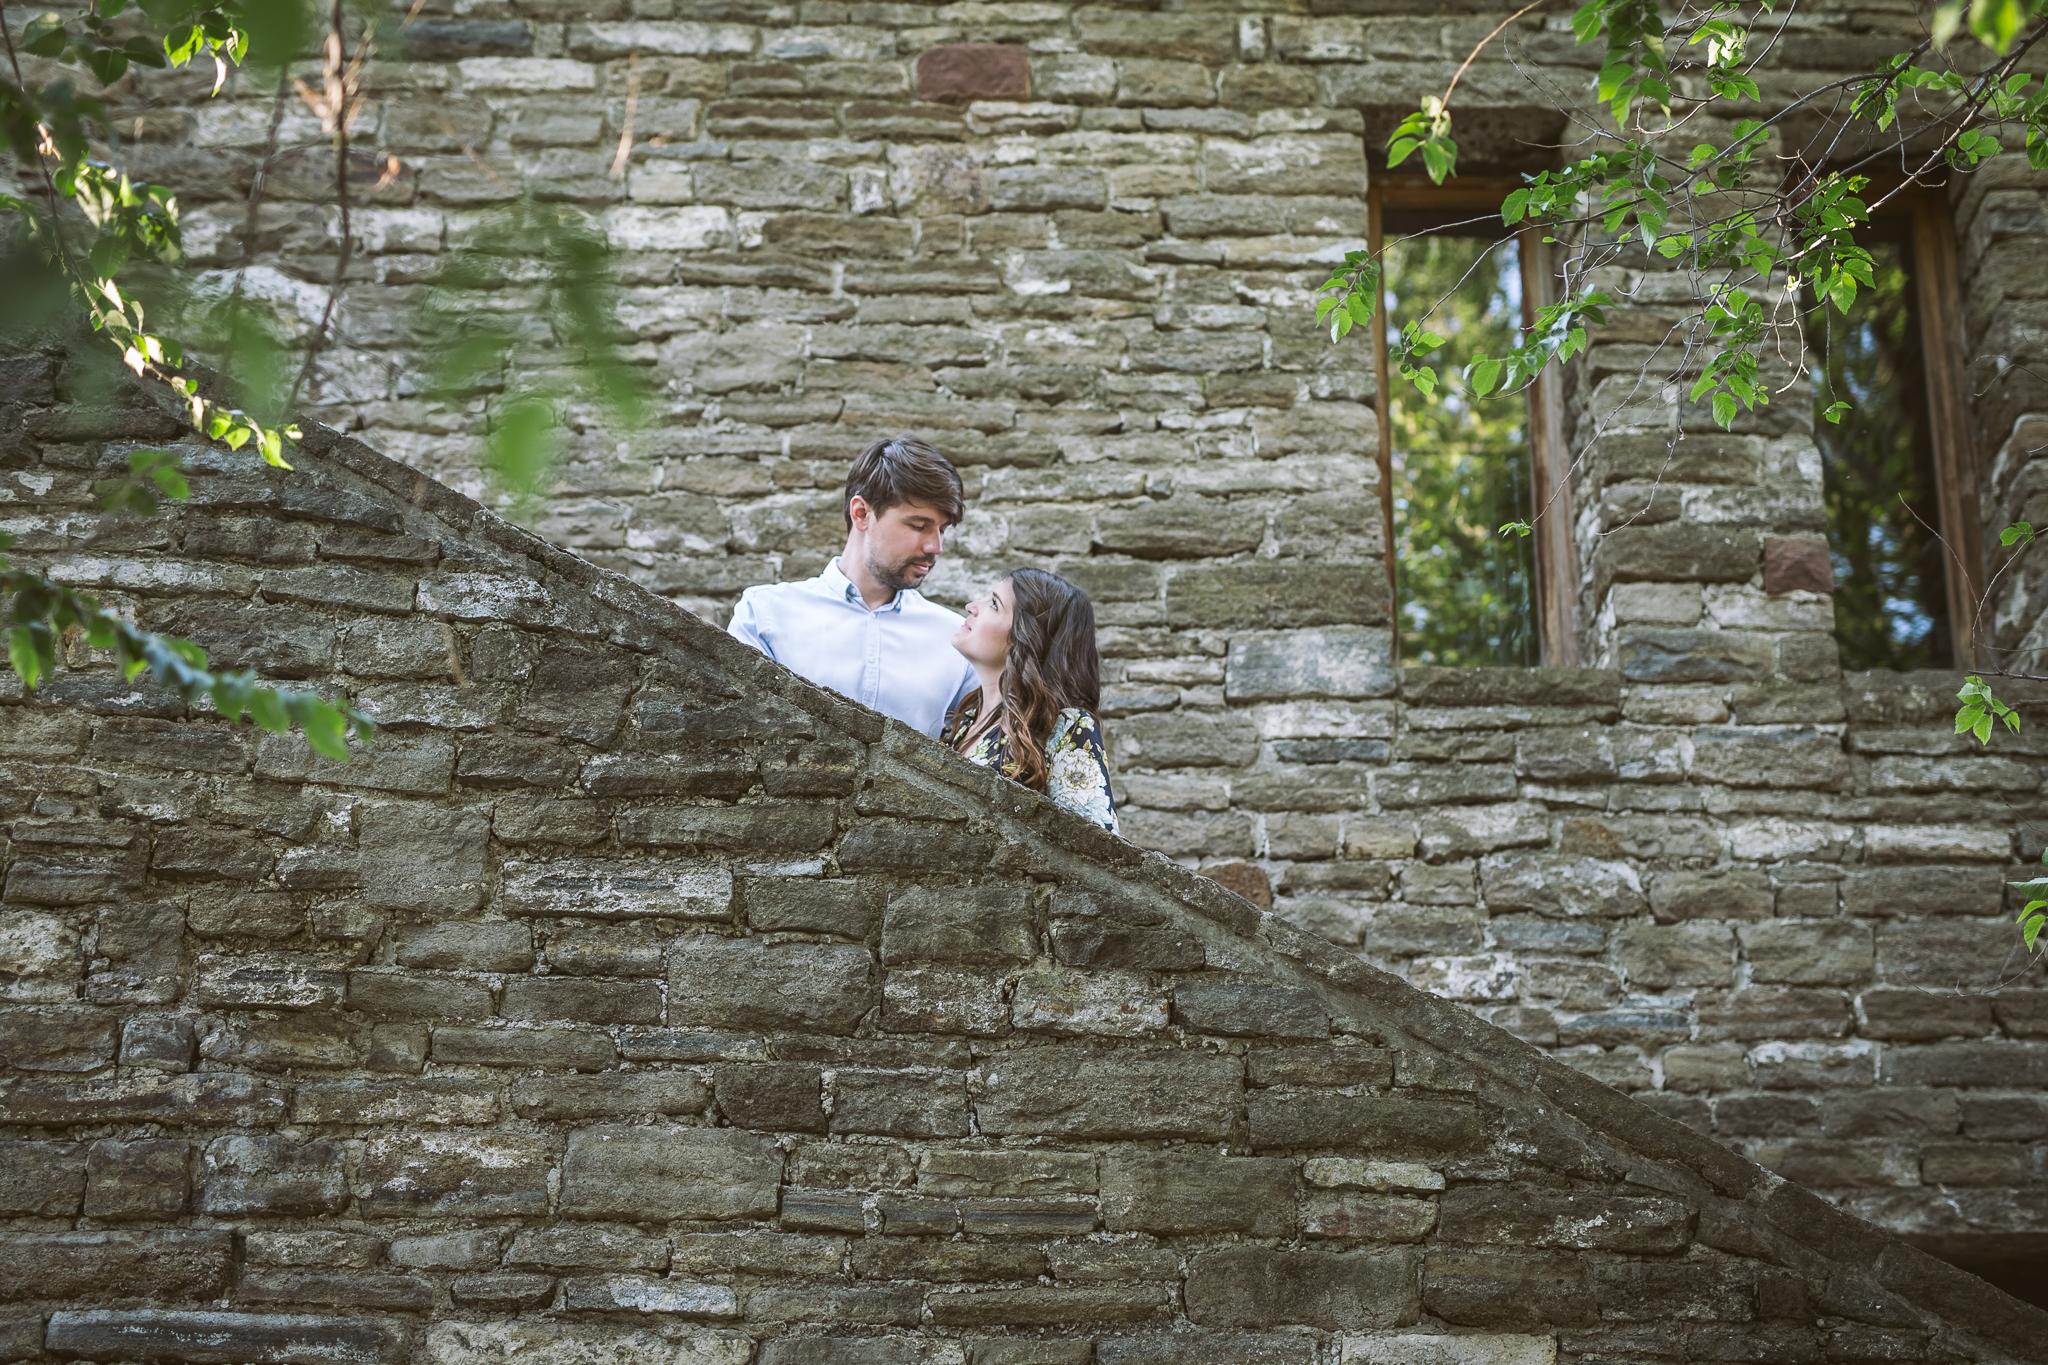 FylepPhoto, esküvőfotózás, magyarország, esküvői fotós, vasmegye, prémium, jegyesfotózás, Fülöp Péter, körmend, kreatív, tihany 47.jpg